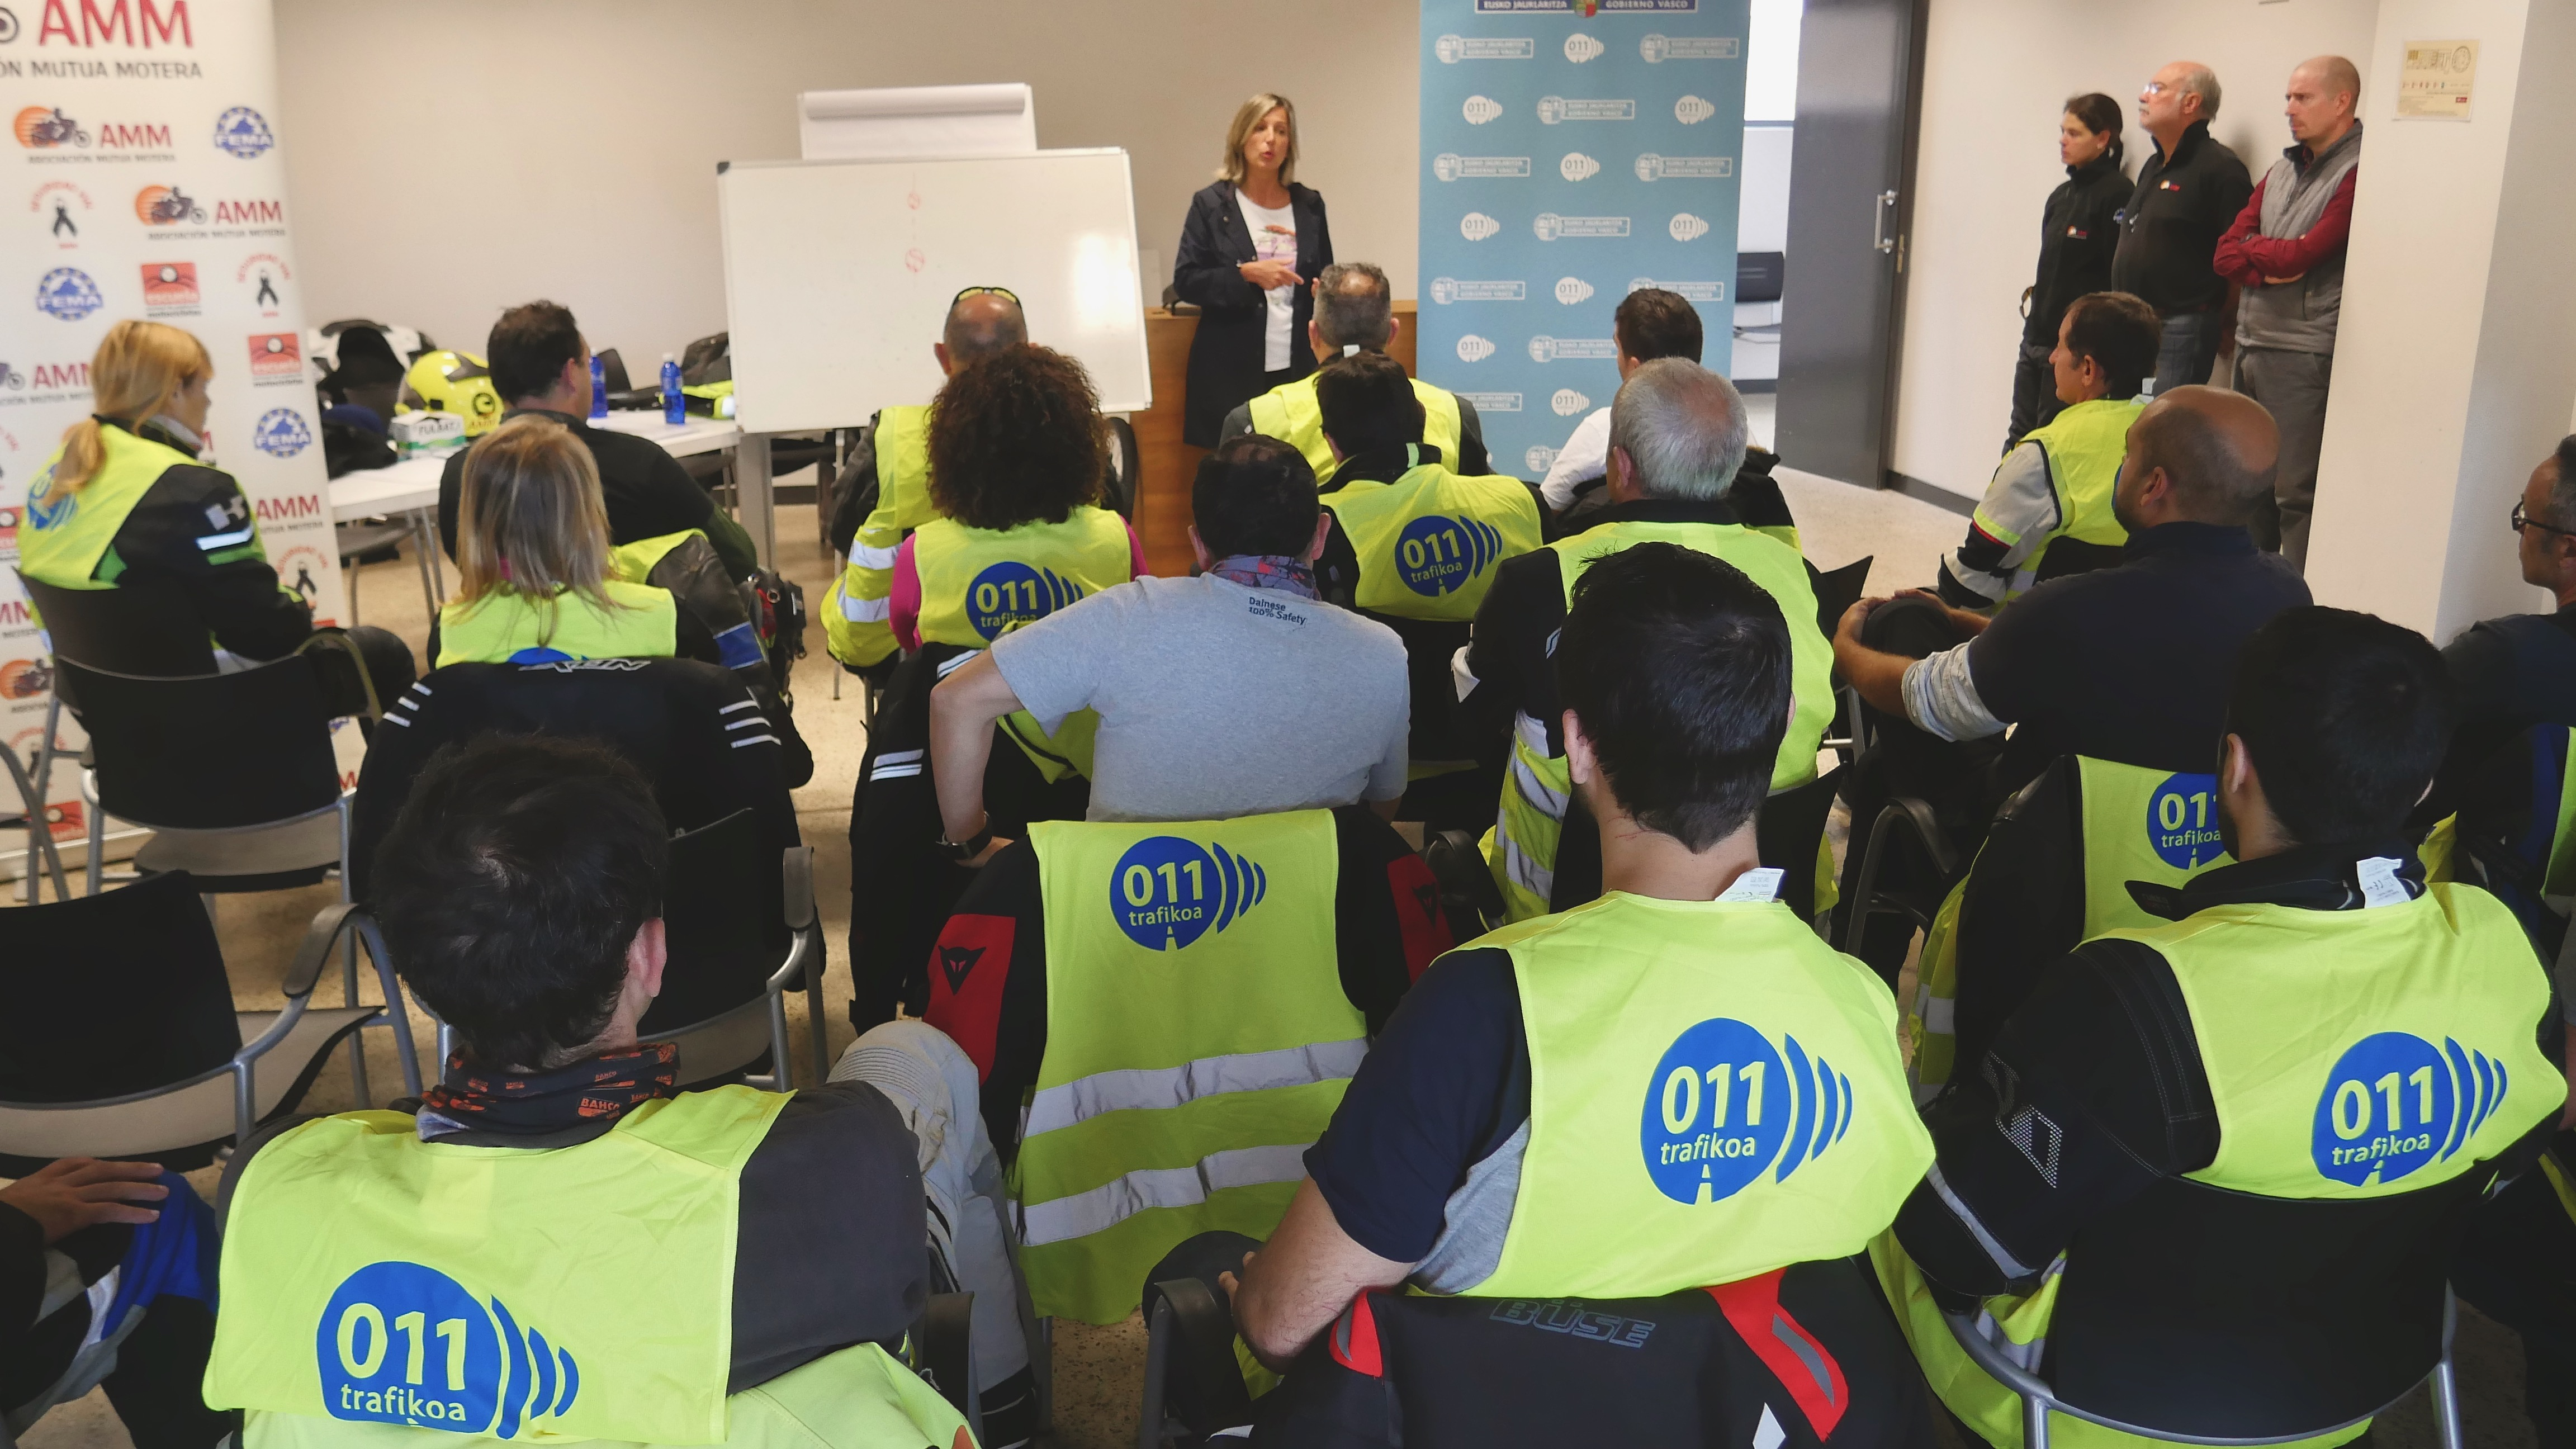 Ehun motozalek parte hartu dute Eusko Jaurlaritzak eta Nafarroako Gobernuak Los Arcoseko zirkuituan antolatu duten bide-segurtasuneko formakuntza-ekintzan